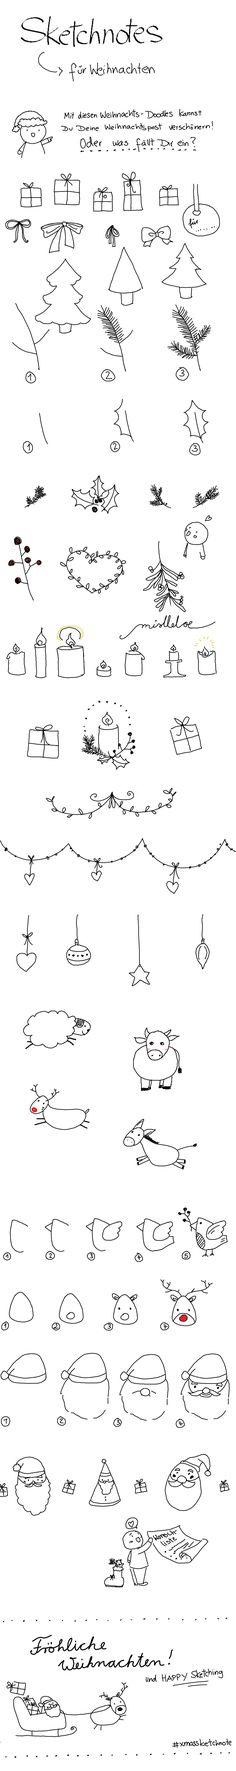 Sketchnotes und Doodles zu Weihnachten: Geschenke, Tannenbäume, Weihnachtsmänner, Girlanden und Tiere